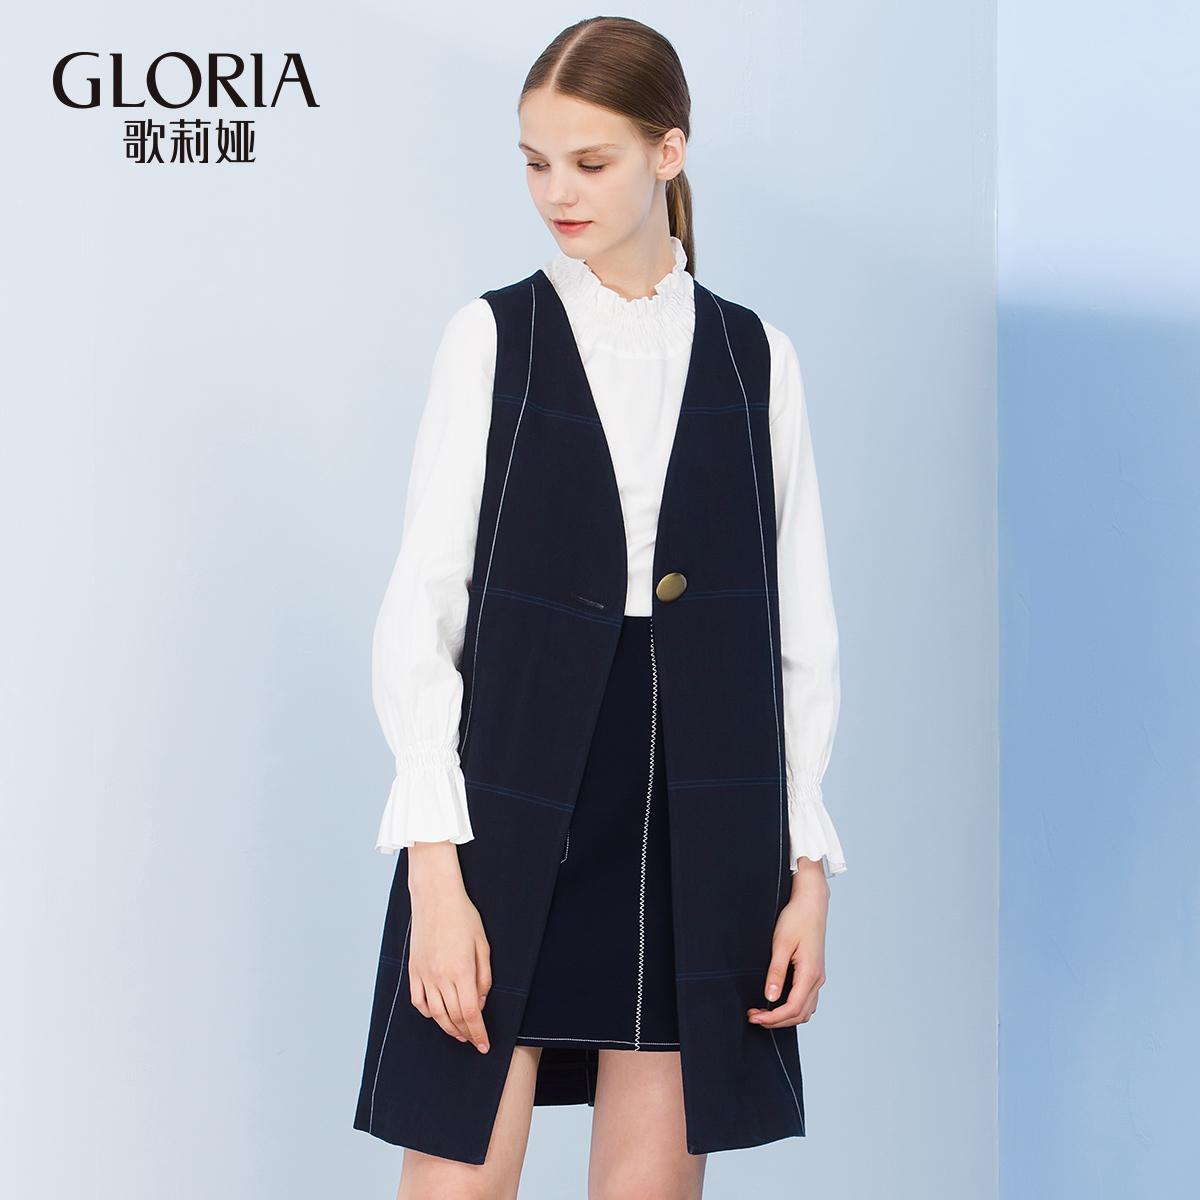 歌莉娅女装 GLORIA歌莉娅2017大纽扣A型马甲外套 173J6A030_推荐淘宝好看的歌莉娅